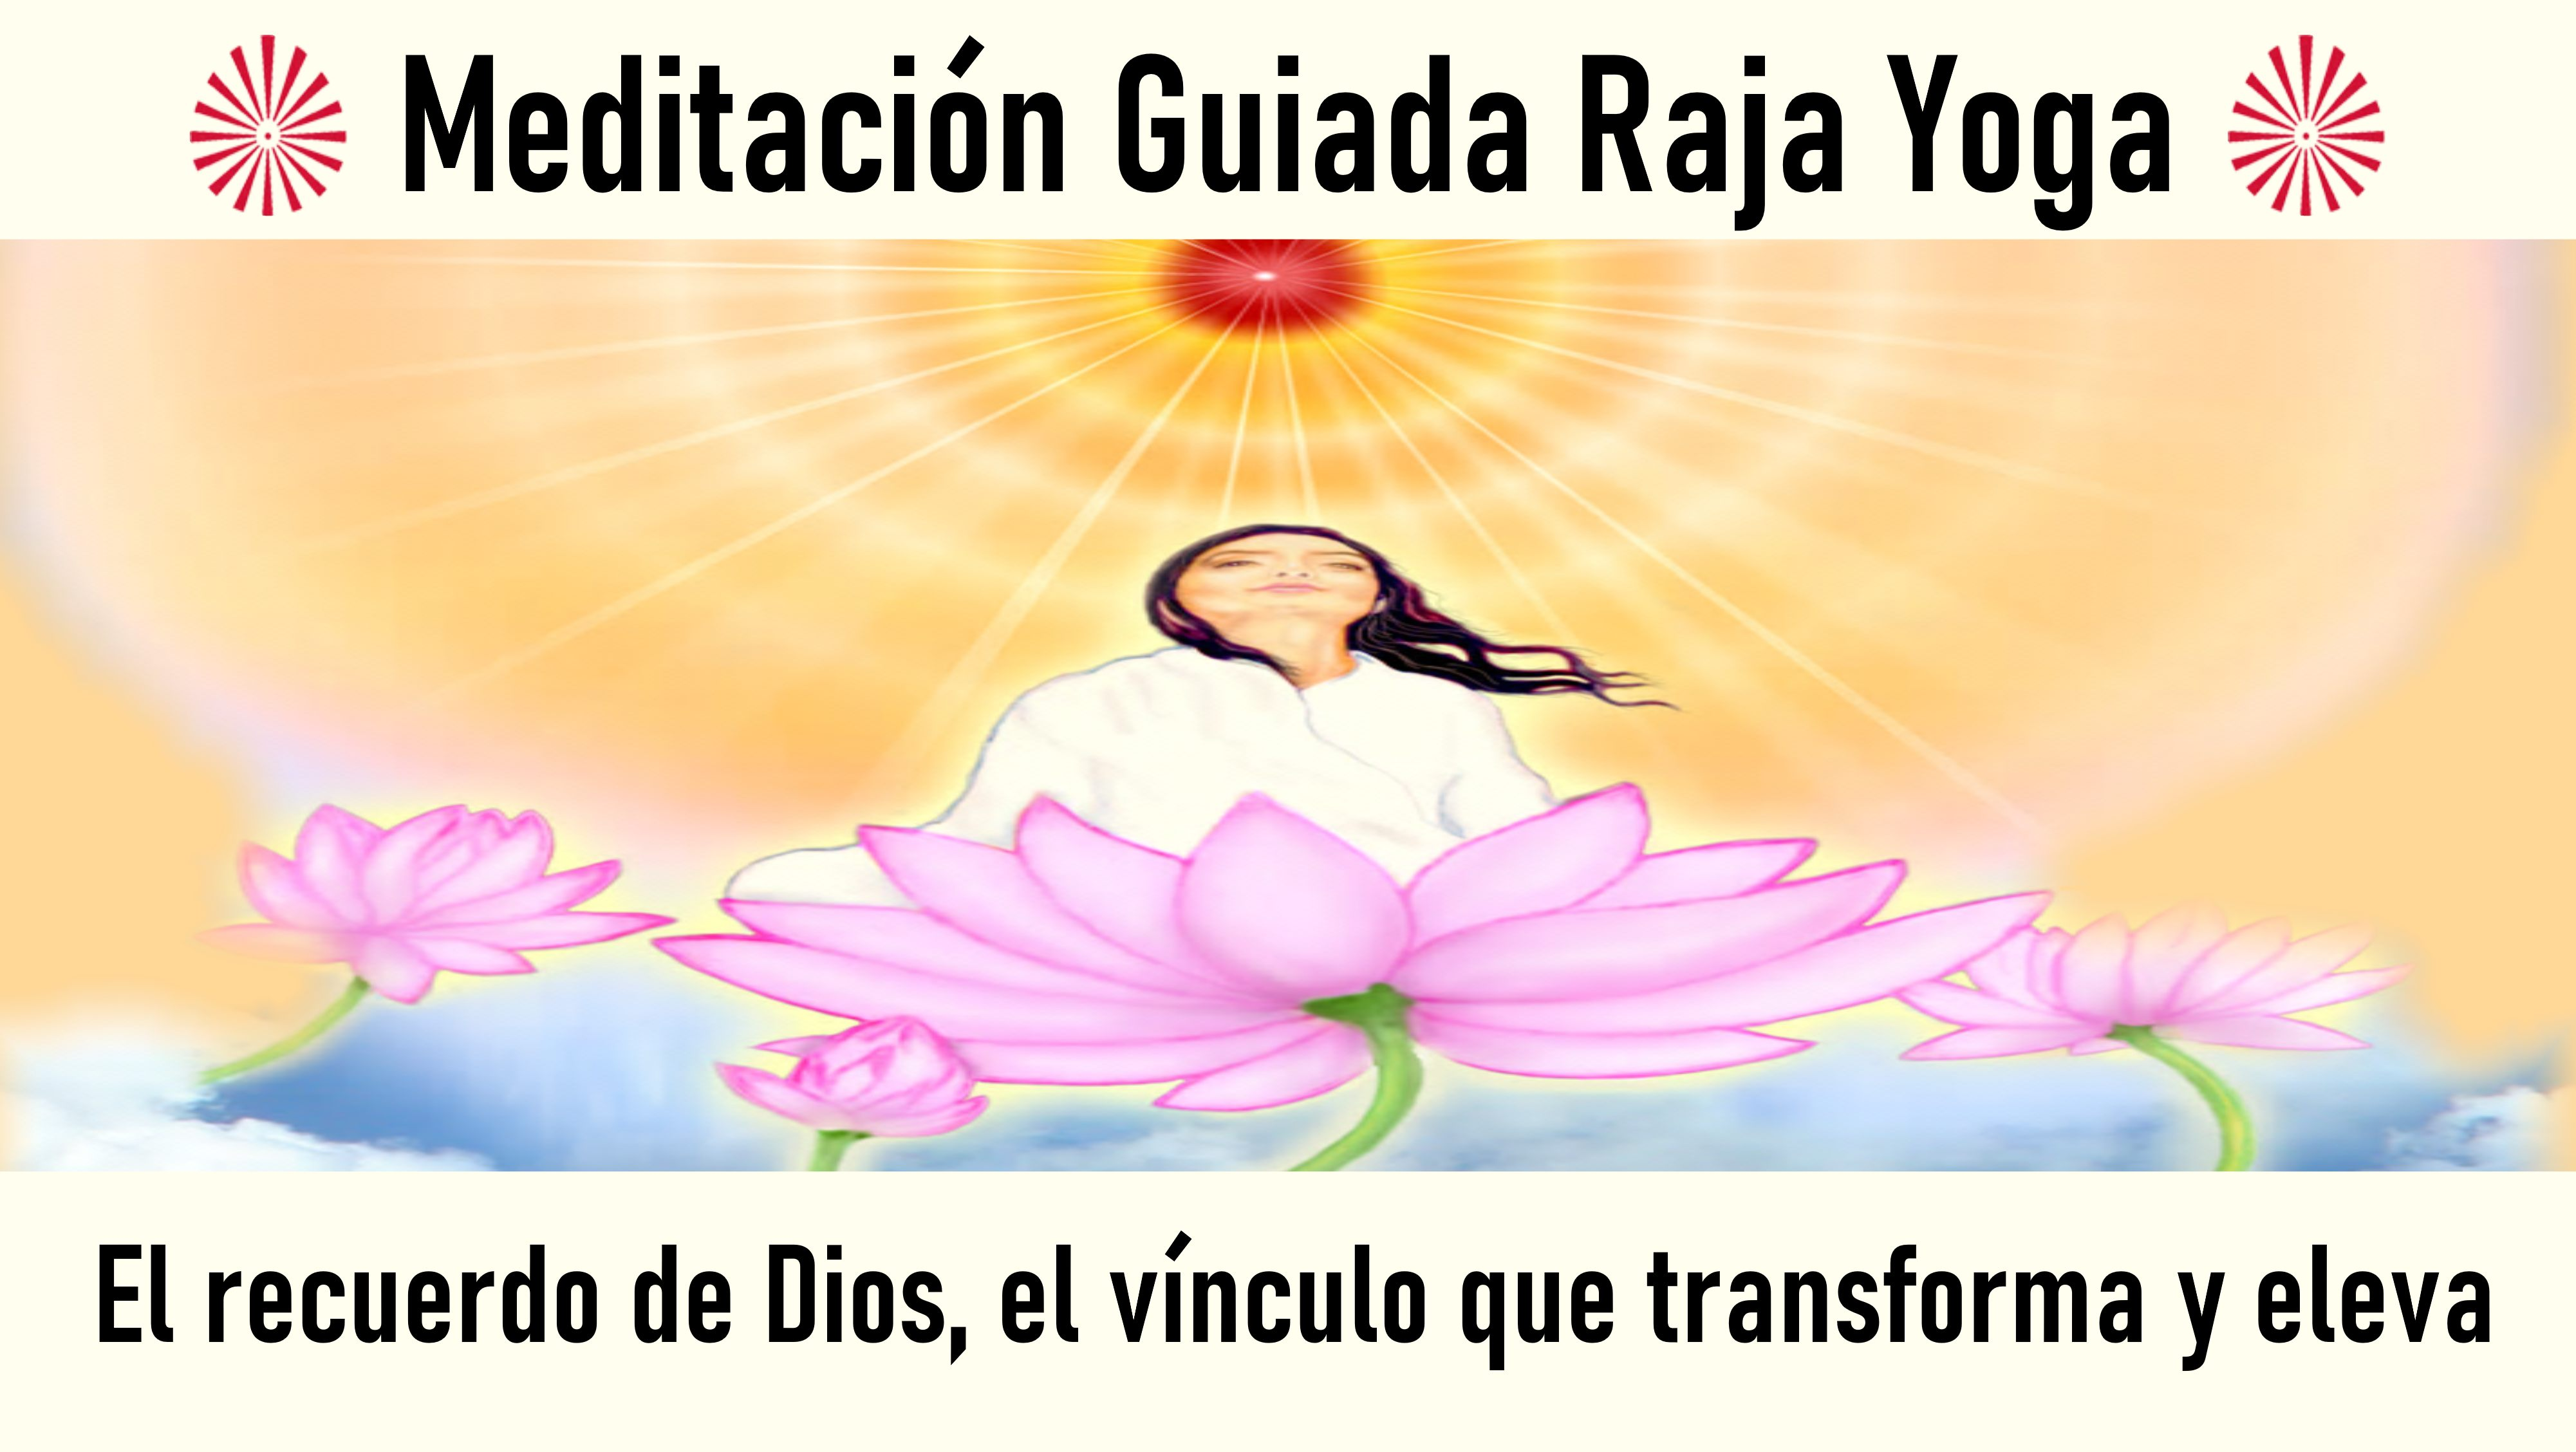 Meditación Raja Yoga: El recuerdo de Dios, el vínculo que transforma y eleva (24 Junio 2020) On-line desde Madrid